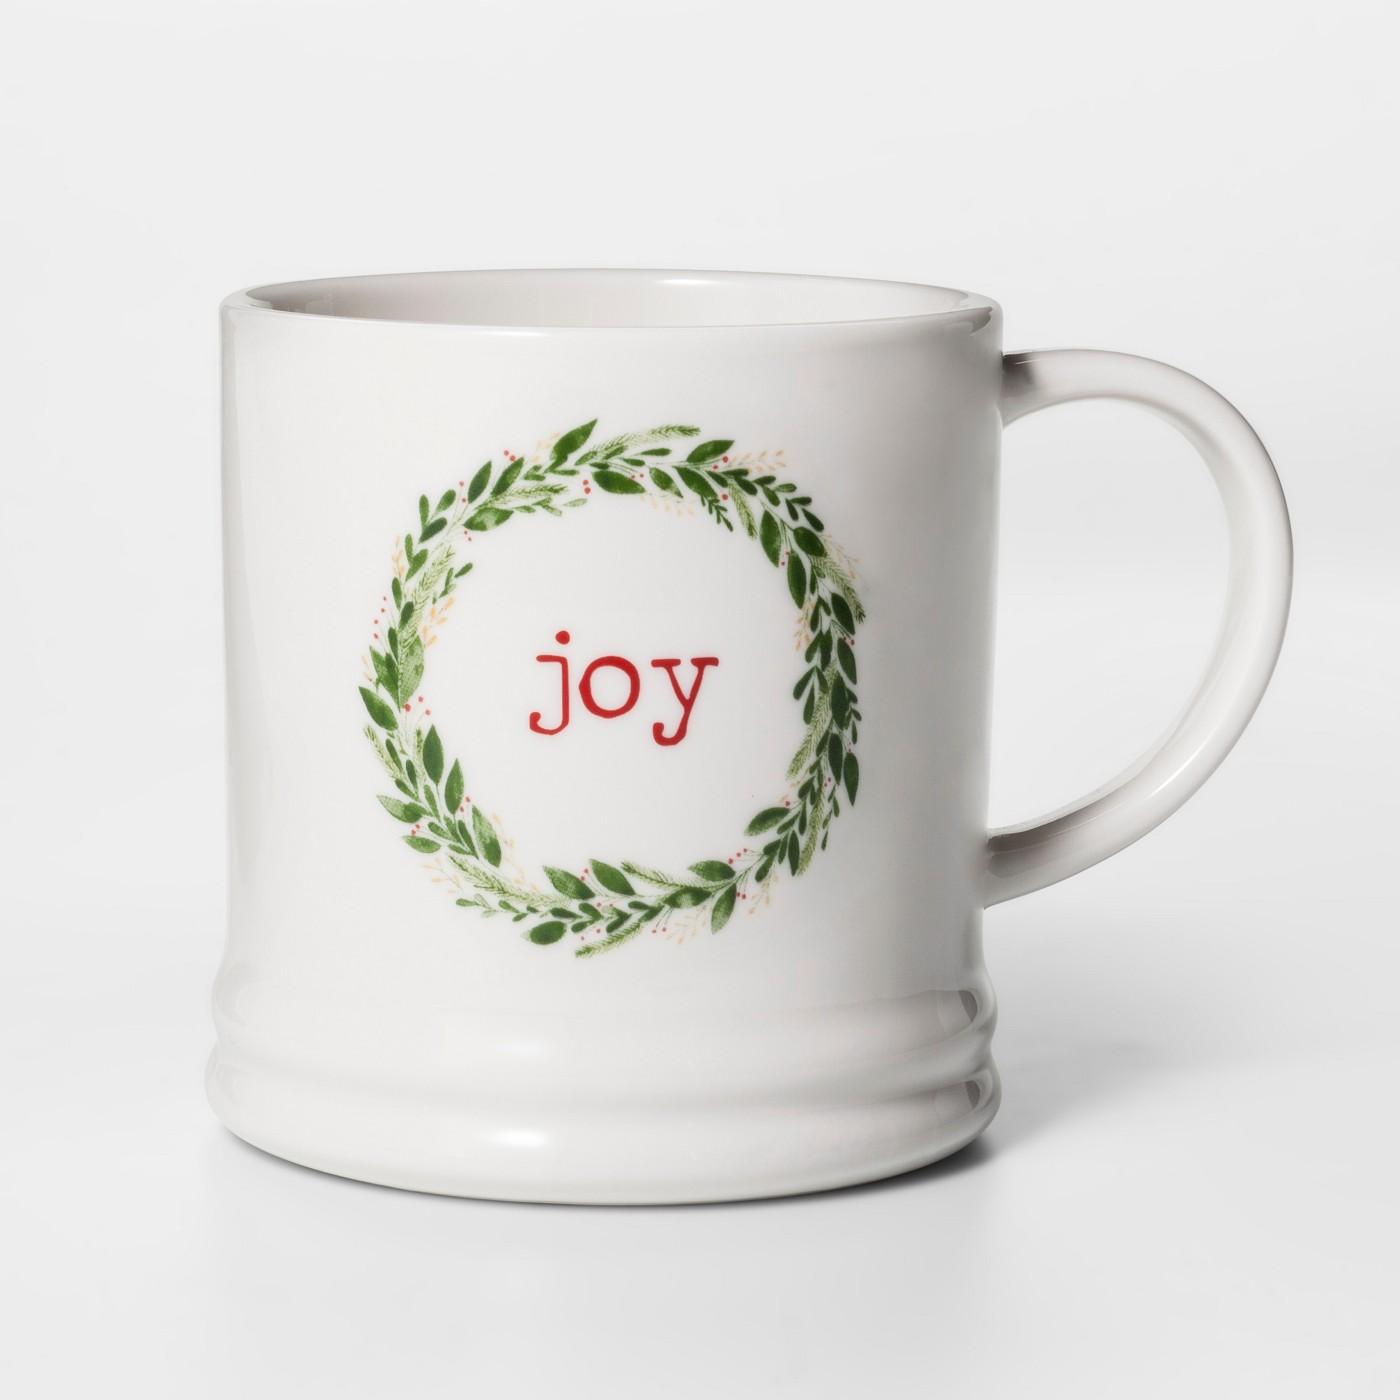 """16oz Porcelain Joy Classic Wreath Mug - Thresholdâ""""¢ - image 1 of 1"""